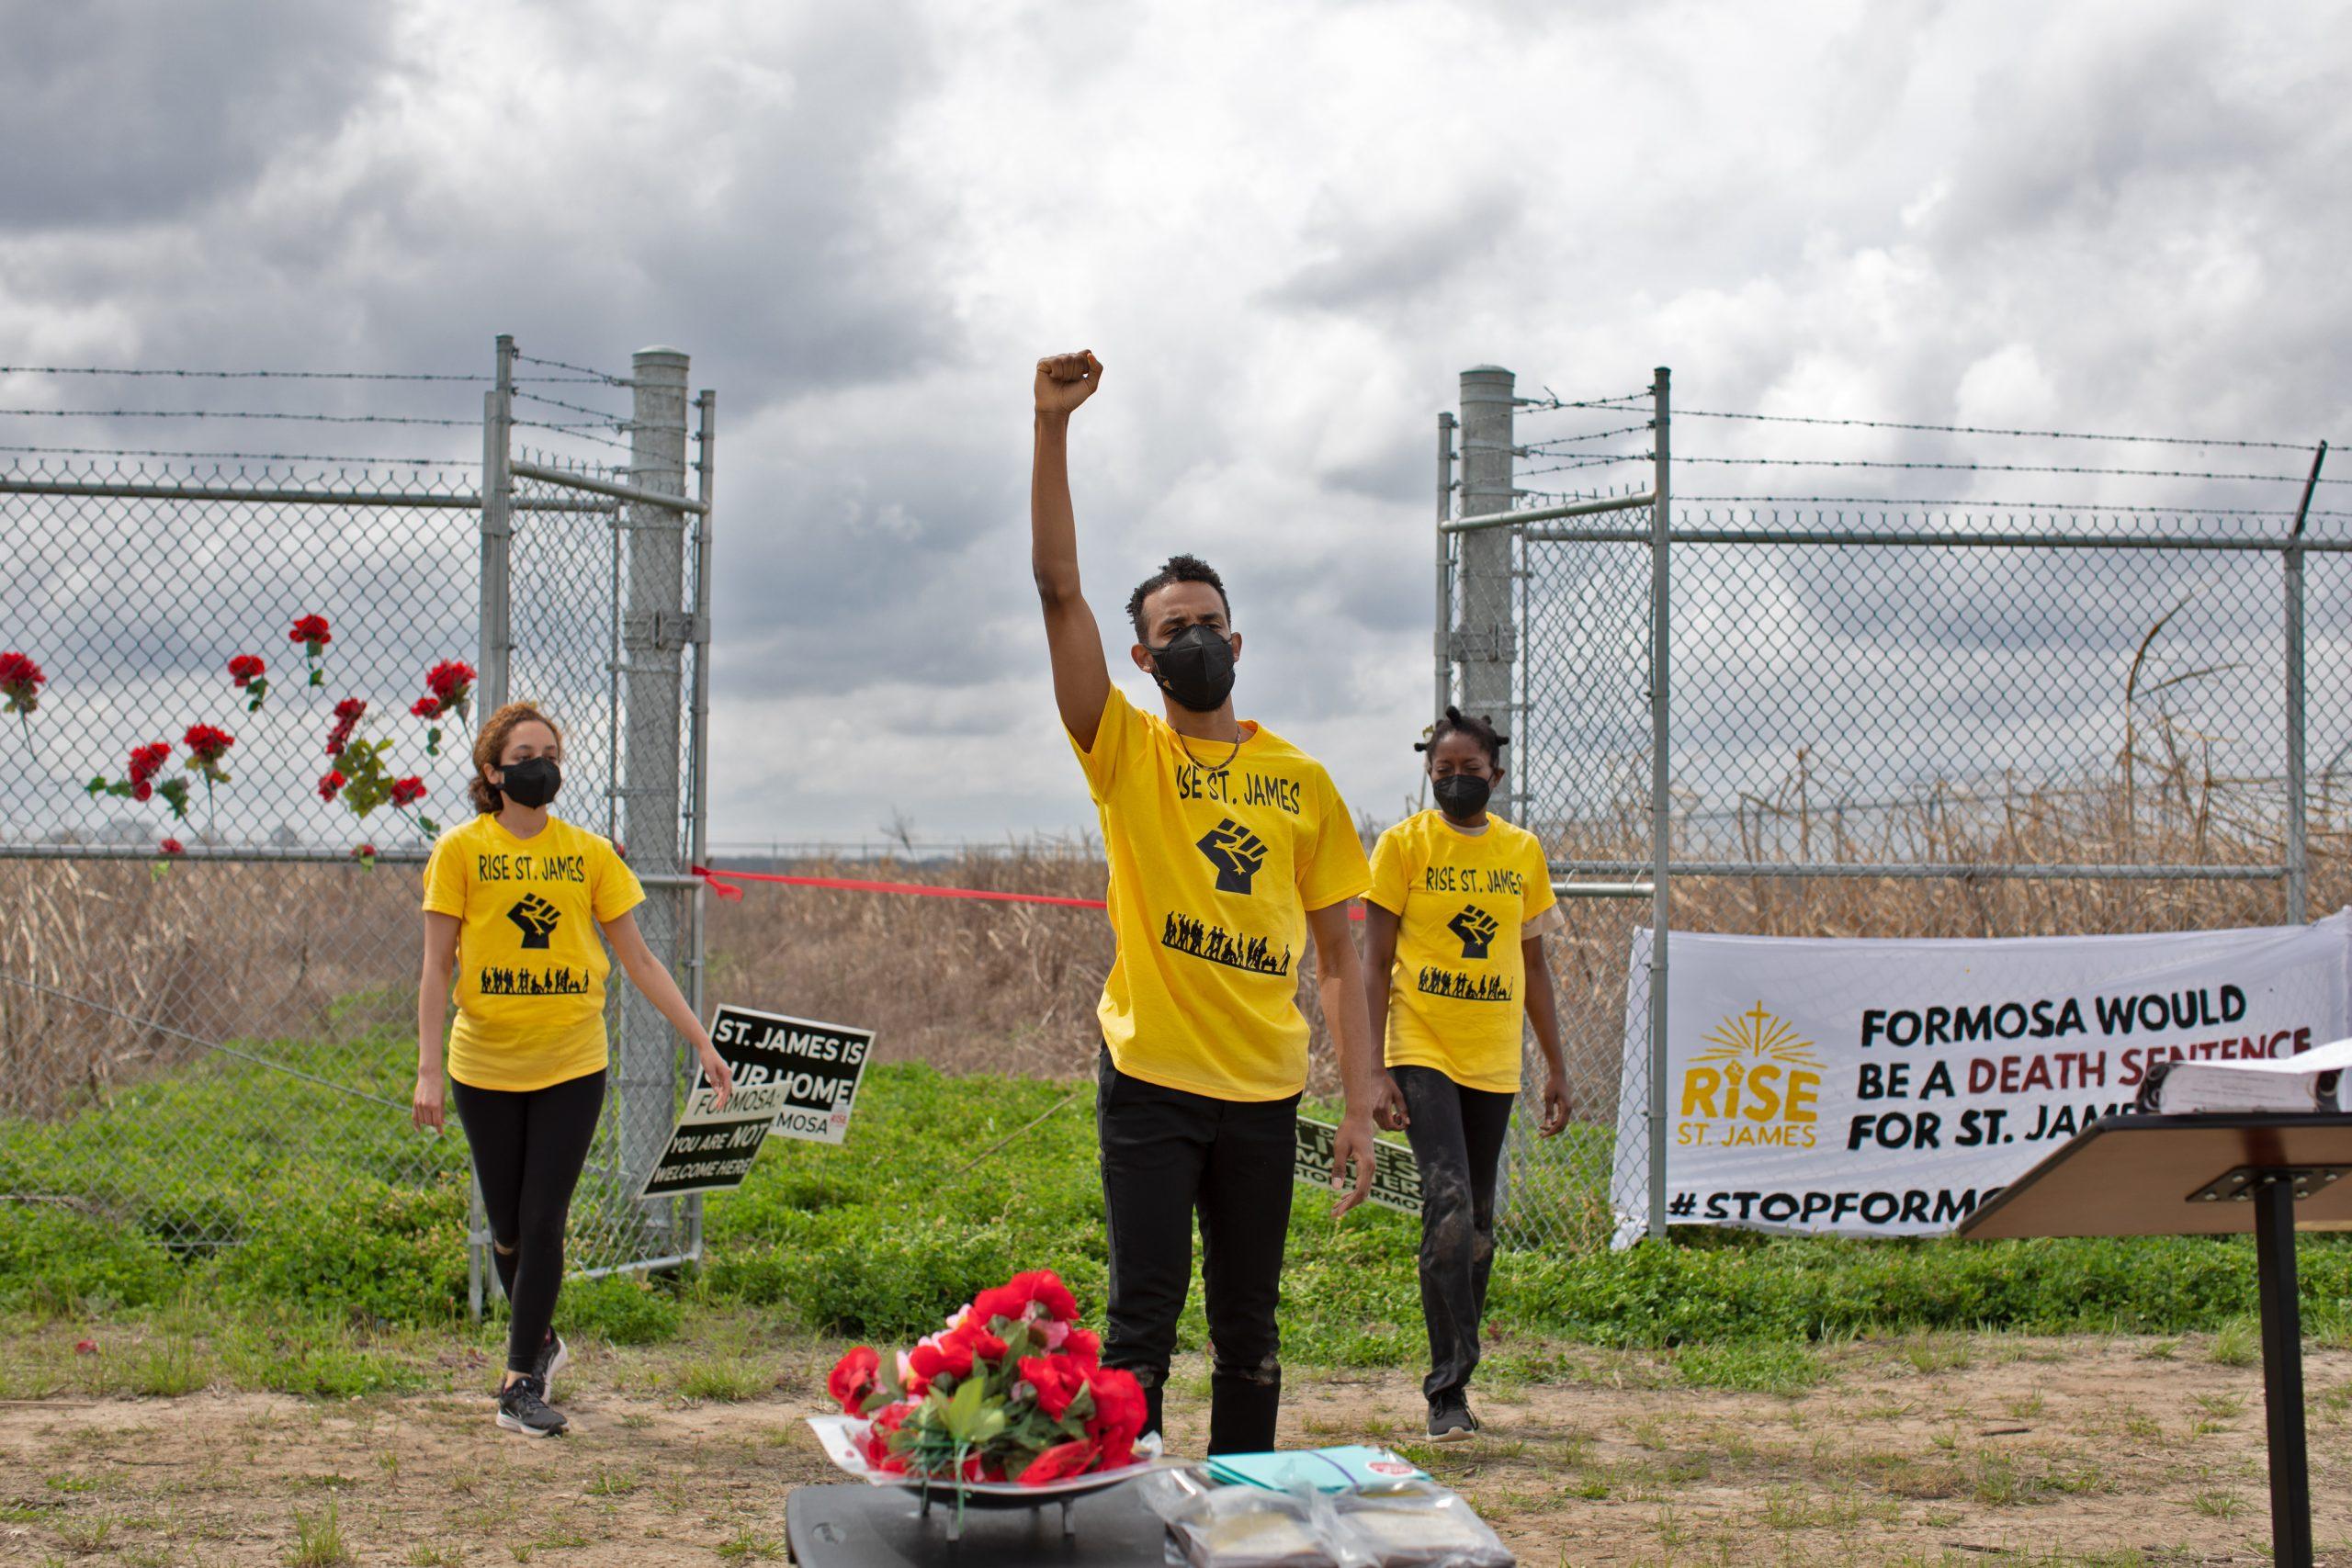 Defensores ambientales para cerrar la planta contaminante - Foto Goldman Environmental Prize